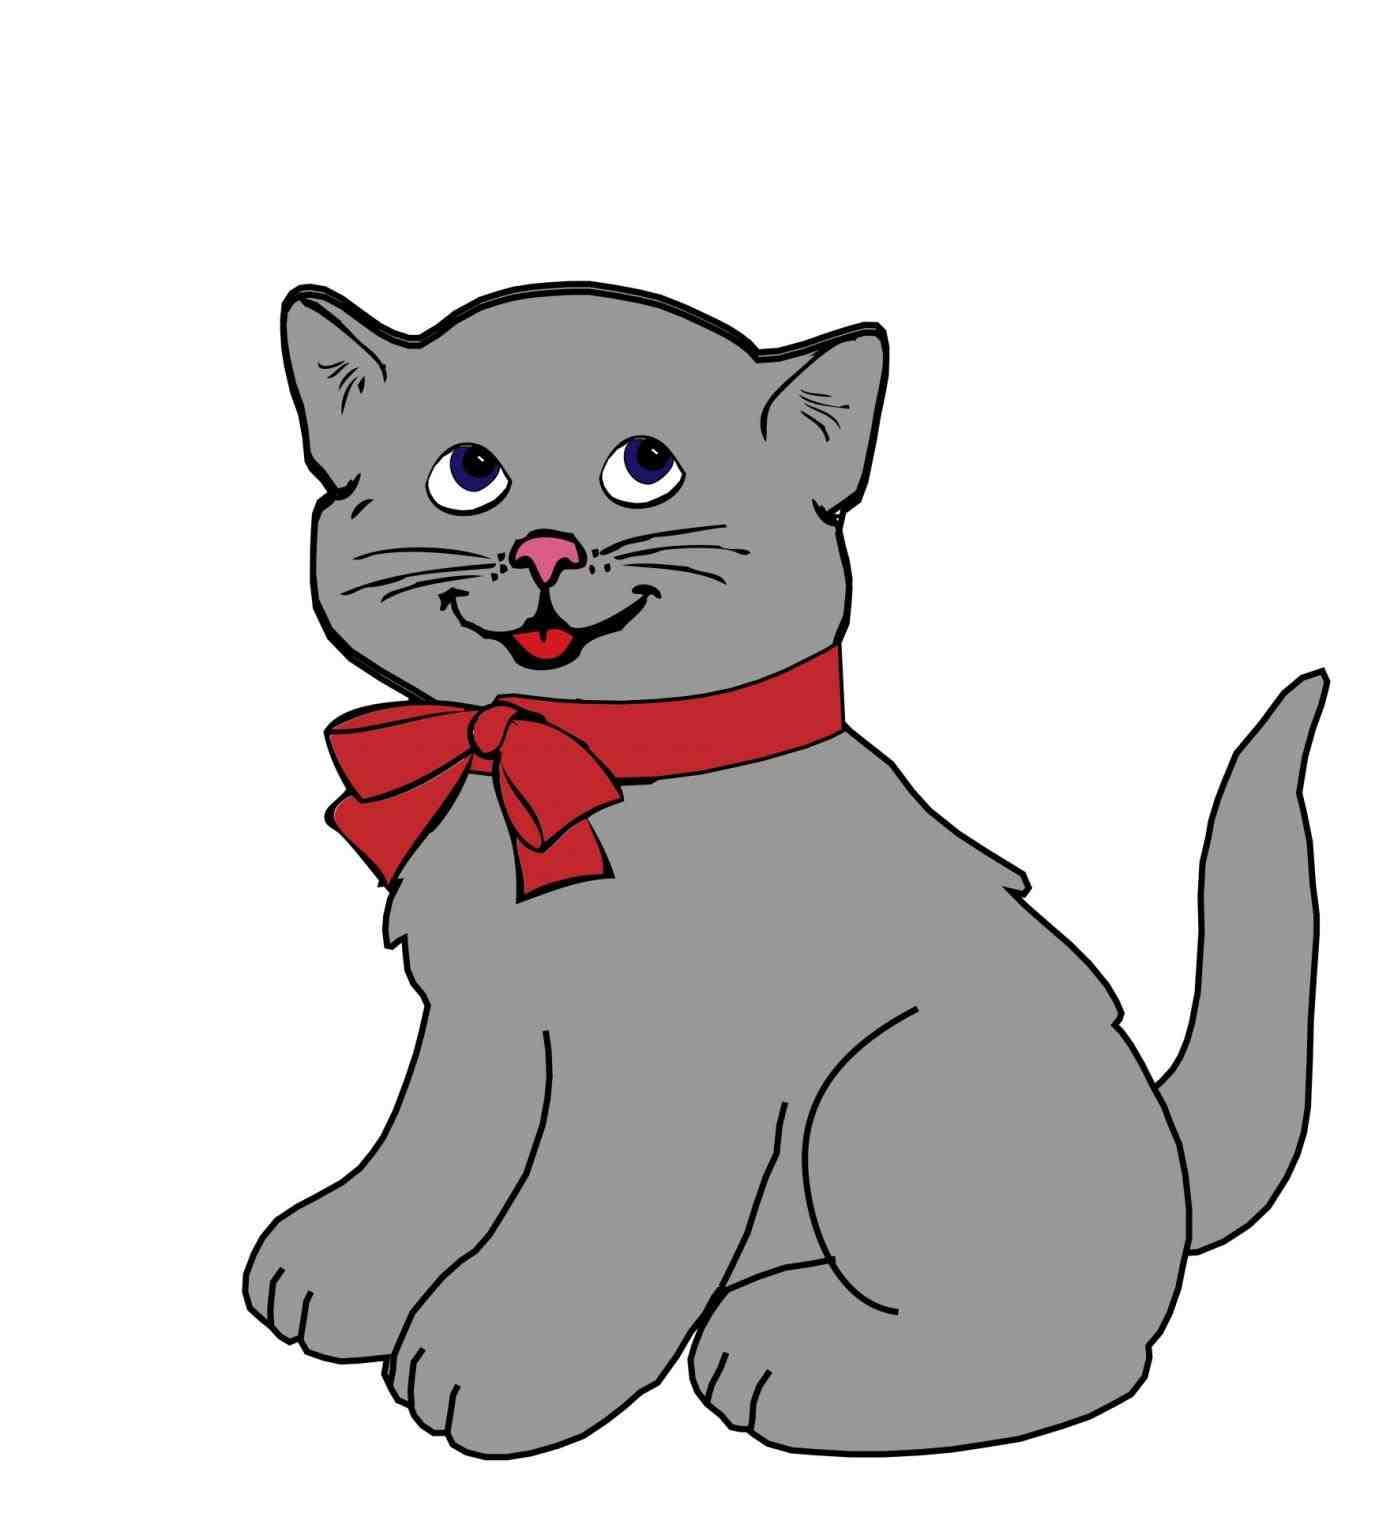 1390x1517 Christmas Kitten Clipart Cheminee.website